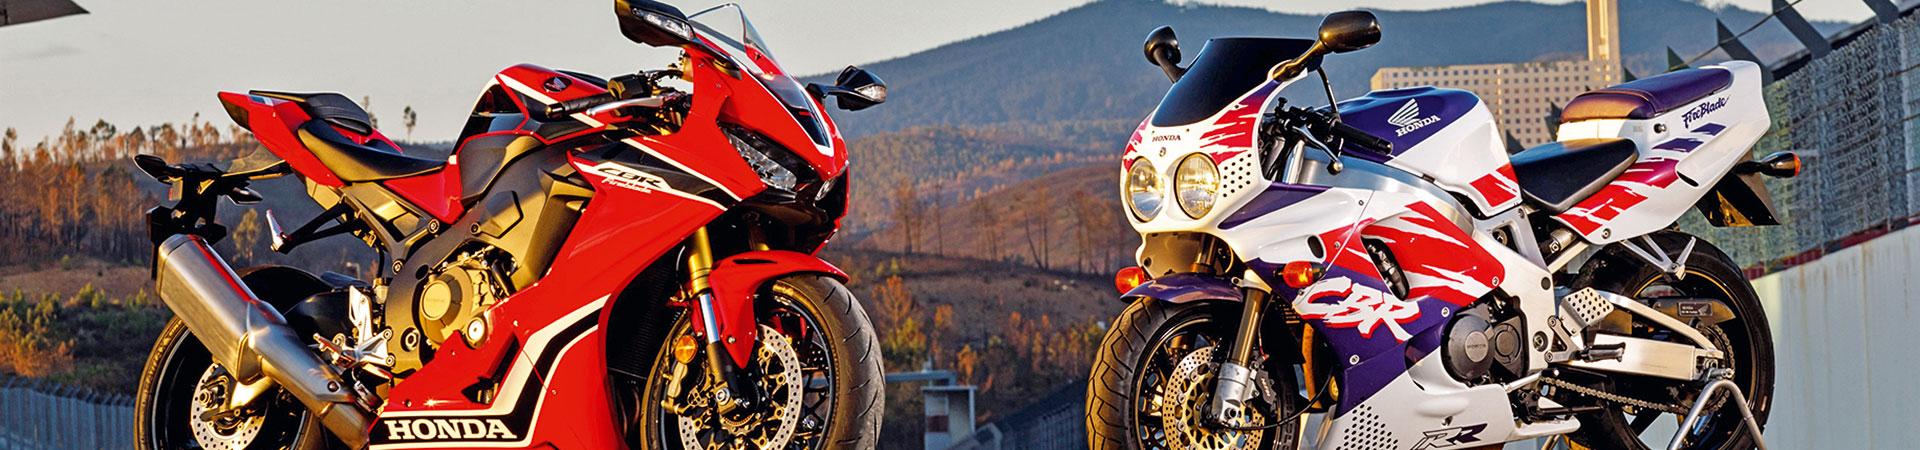 25-Jahre-Honda-Fireblade